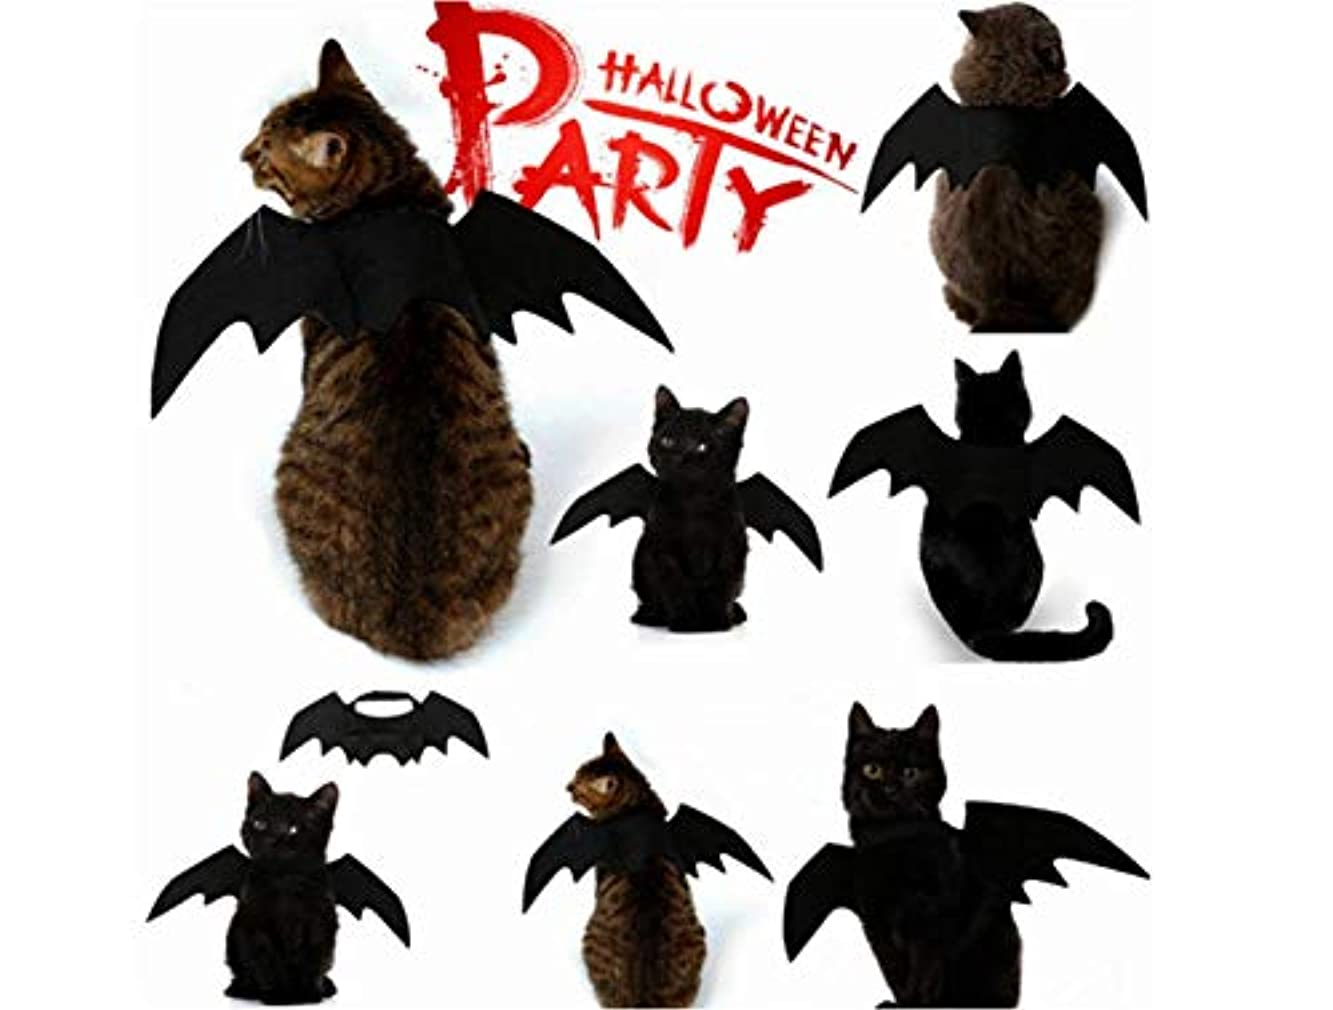 ハロウィンペットバット翼猫犬バットコスチュームハロウィンペットコスチューム小型犬と猫用アクセサリー